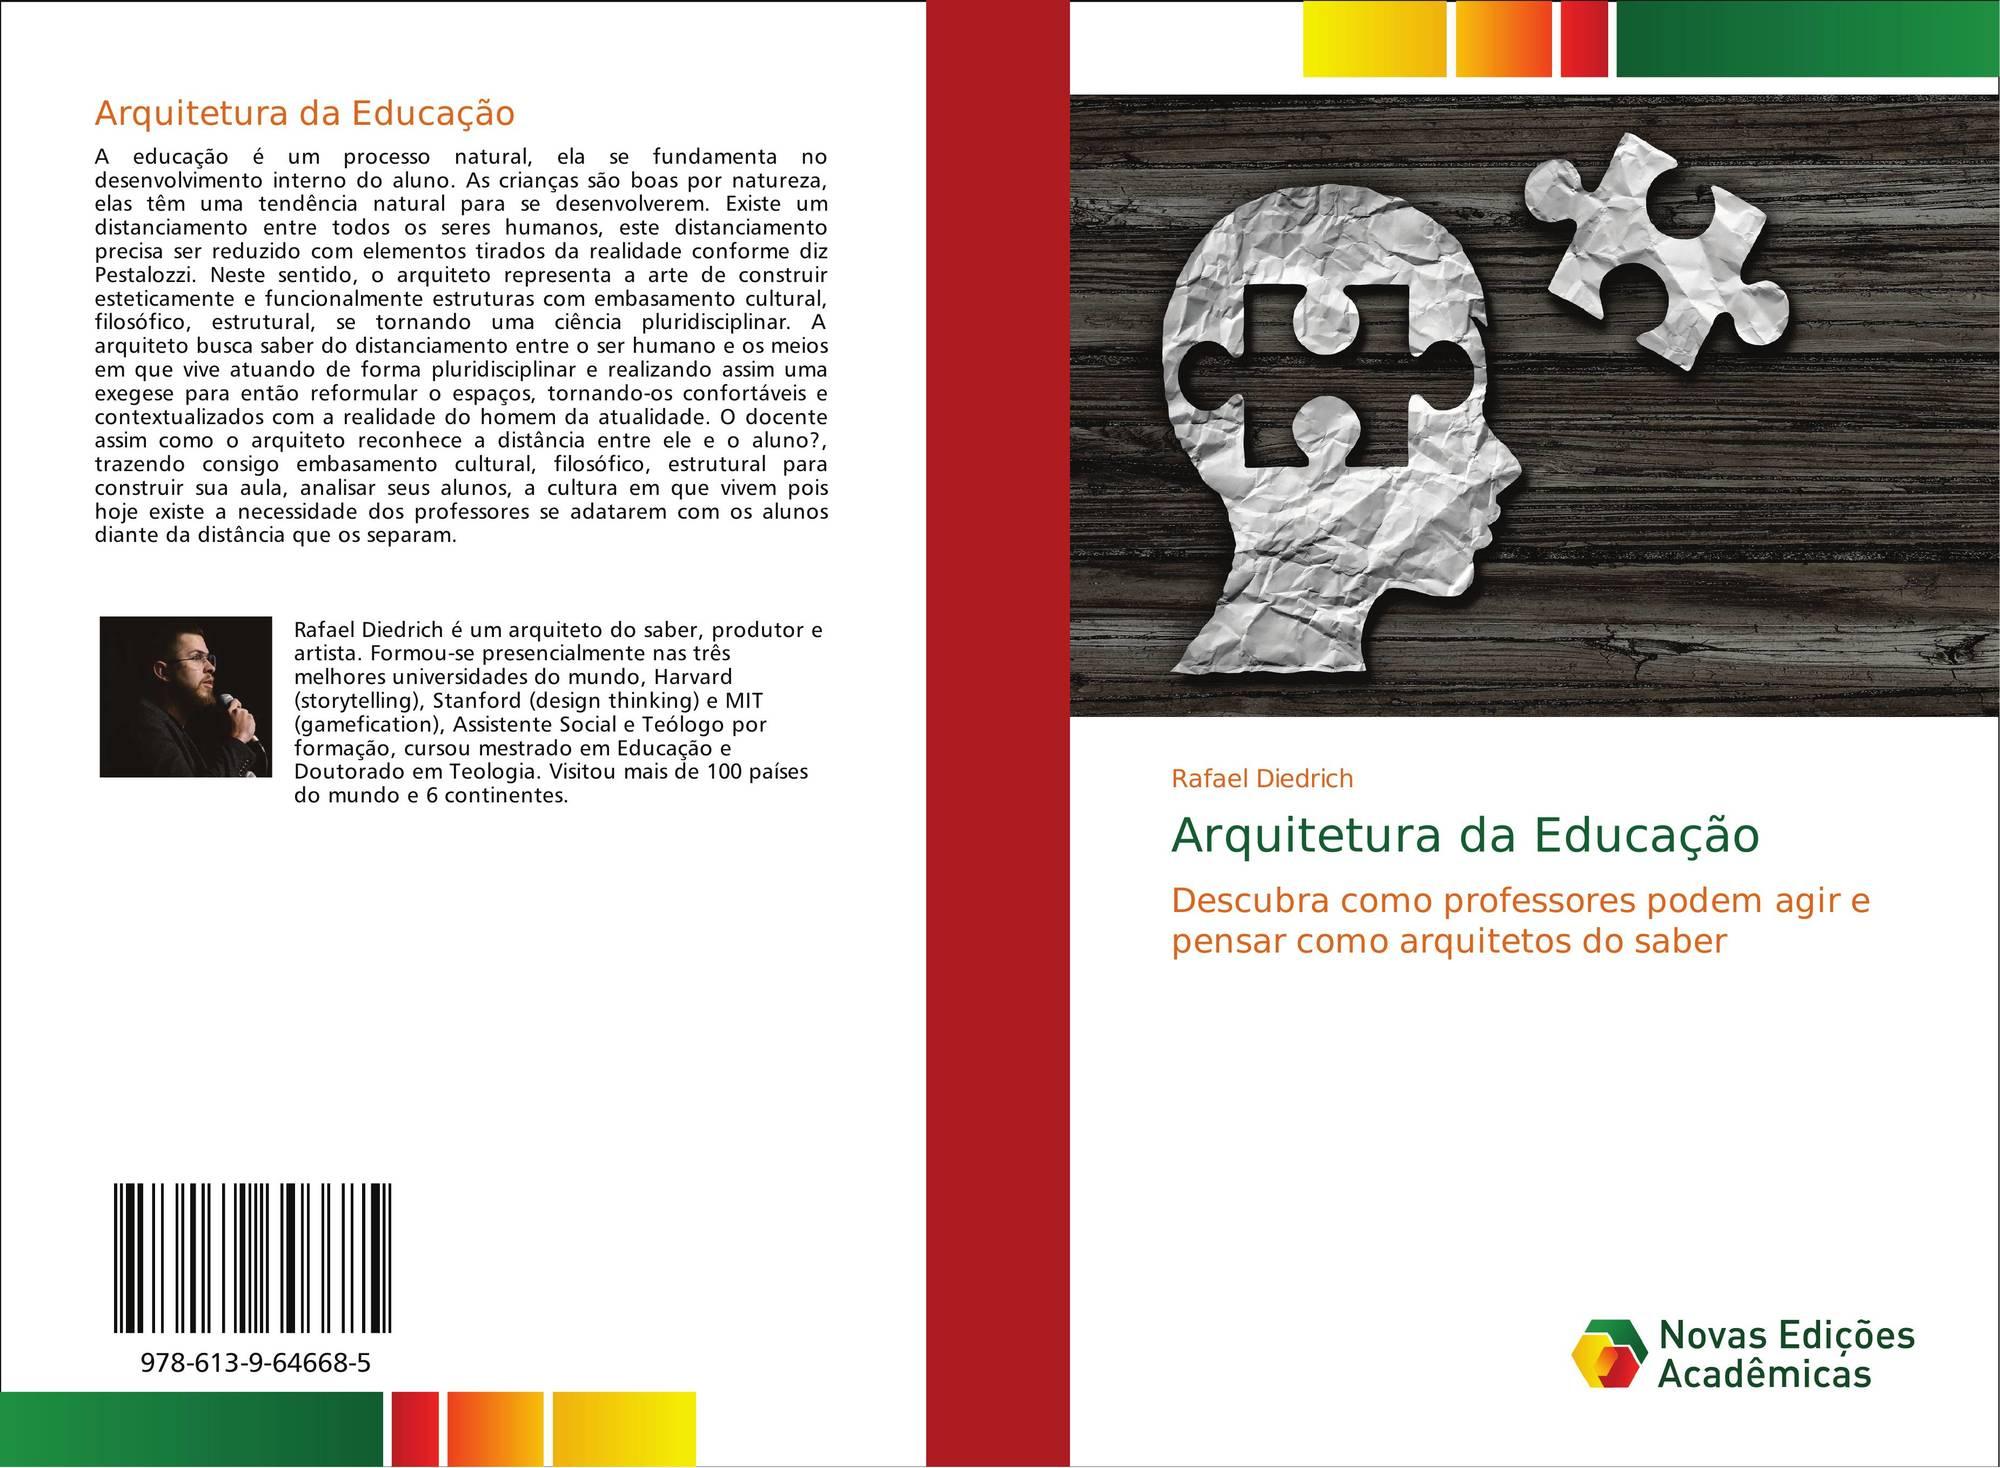 Arquitetura da Educação, 978-613-9-64668-5, 6139646685 ... 043e393788